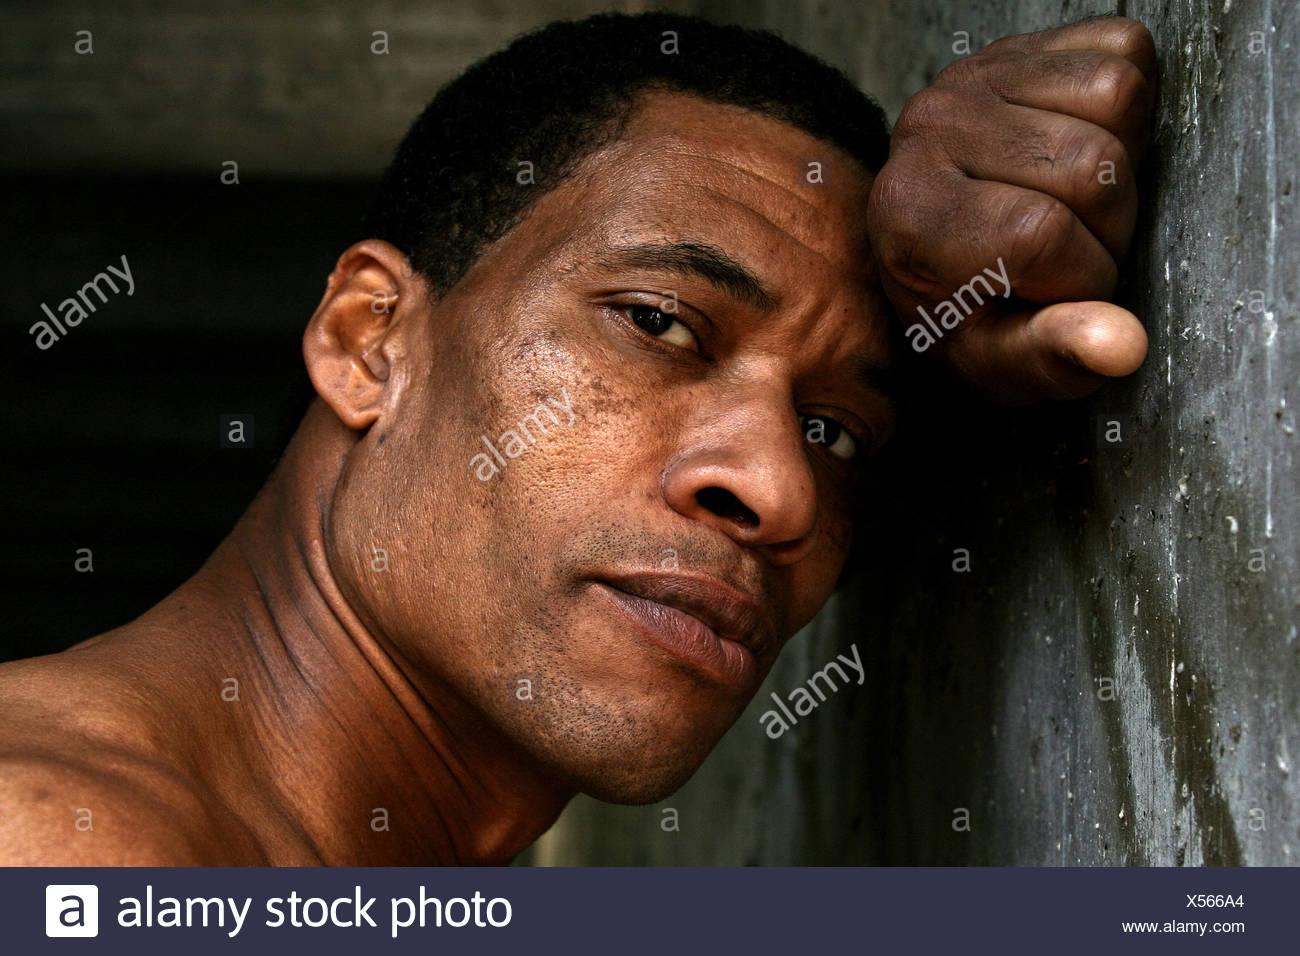 Mann, erschöpft, Porträt Stockbild